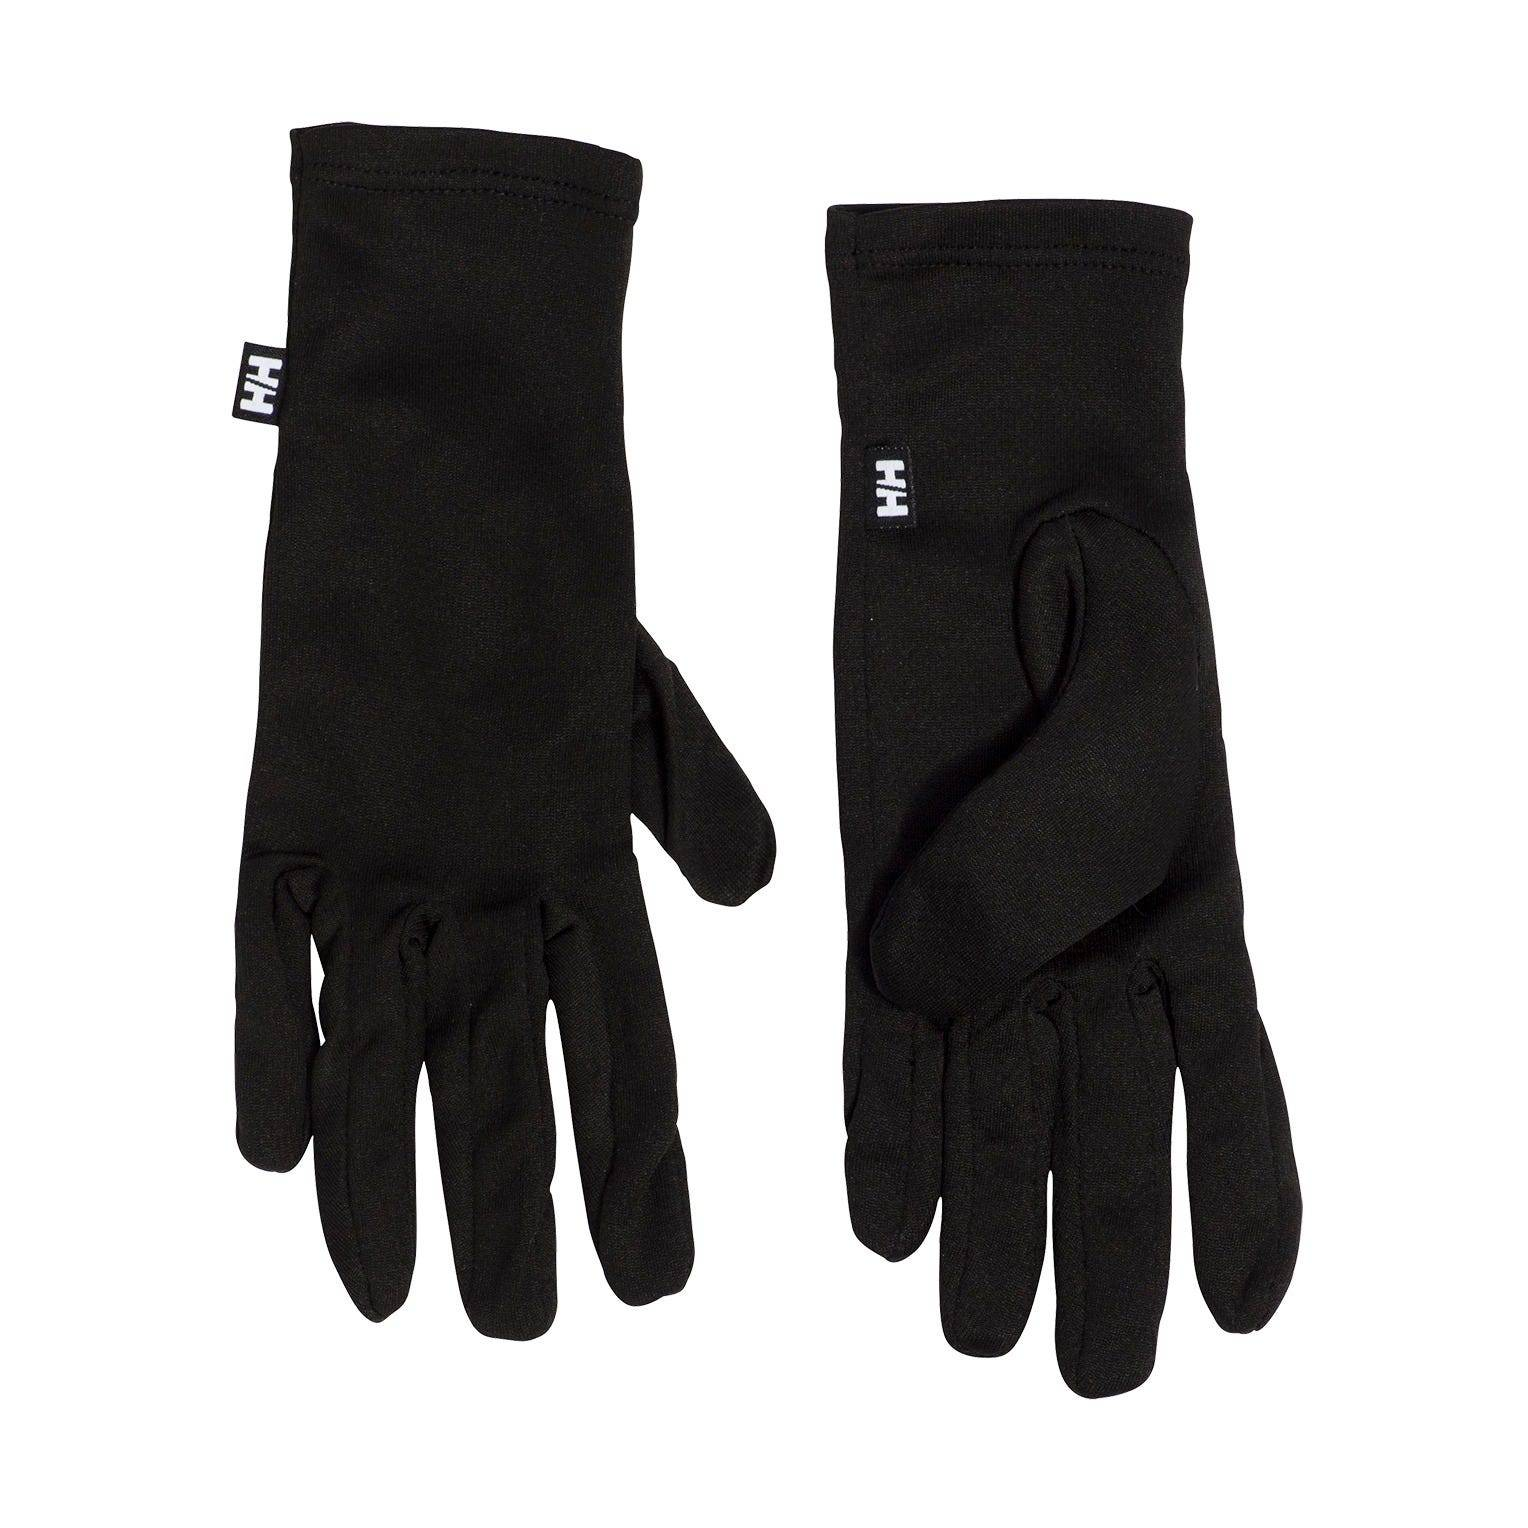 Helly Hansen Dry Glove Liner